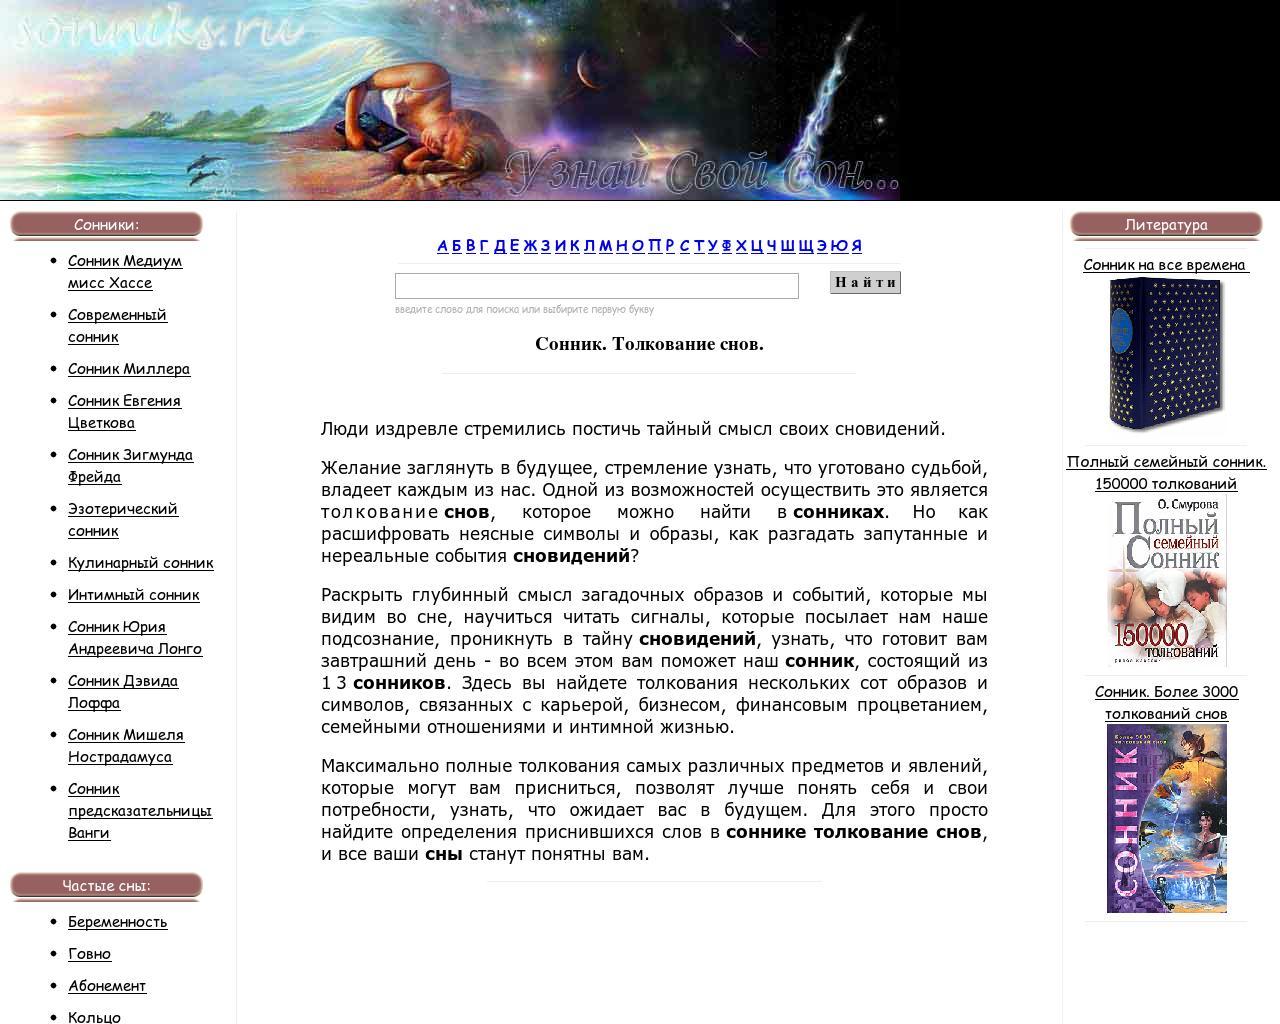 долететь Москвы сонник мисс хассе толкование снов или